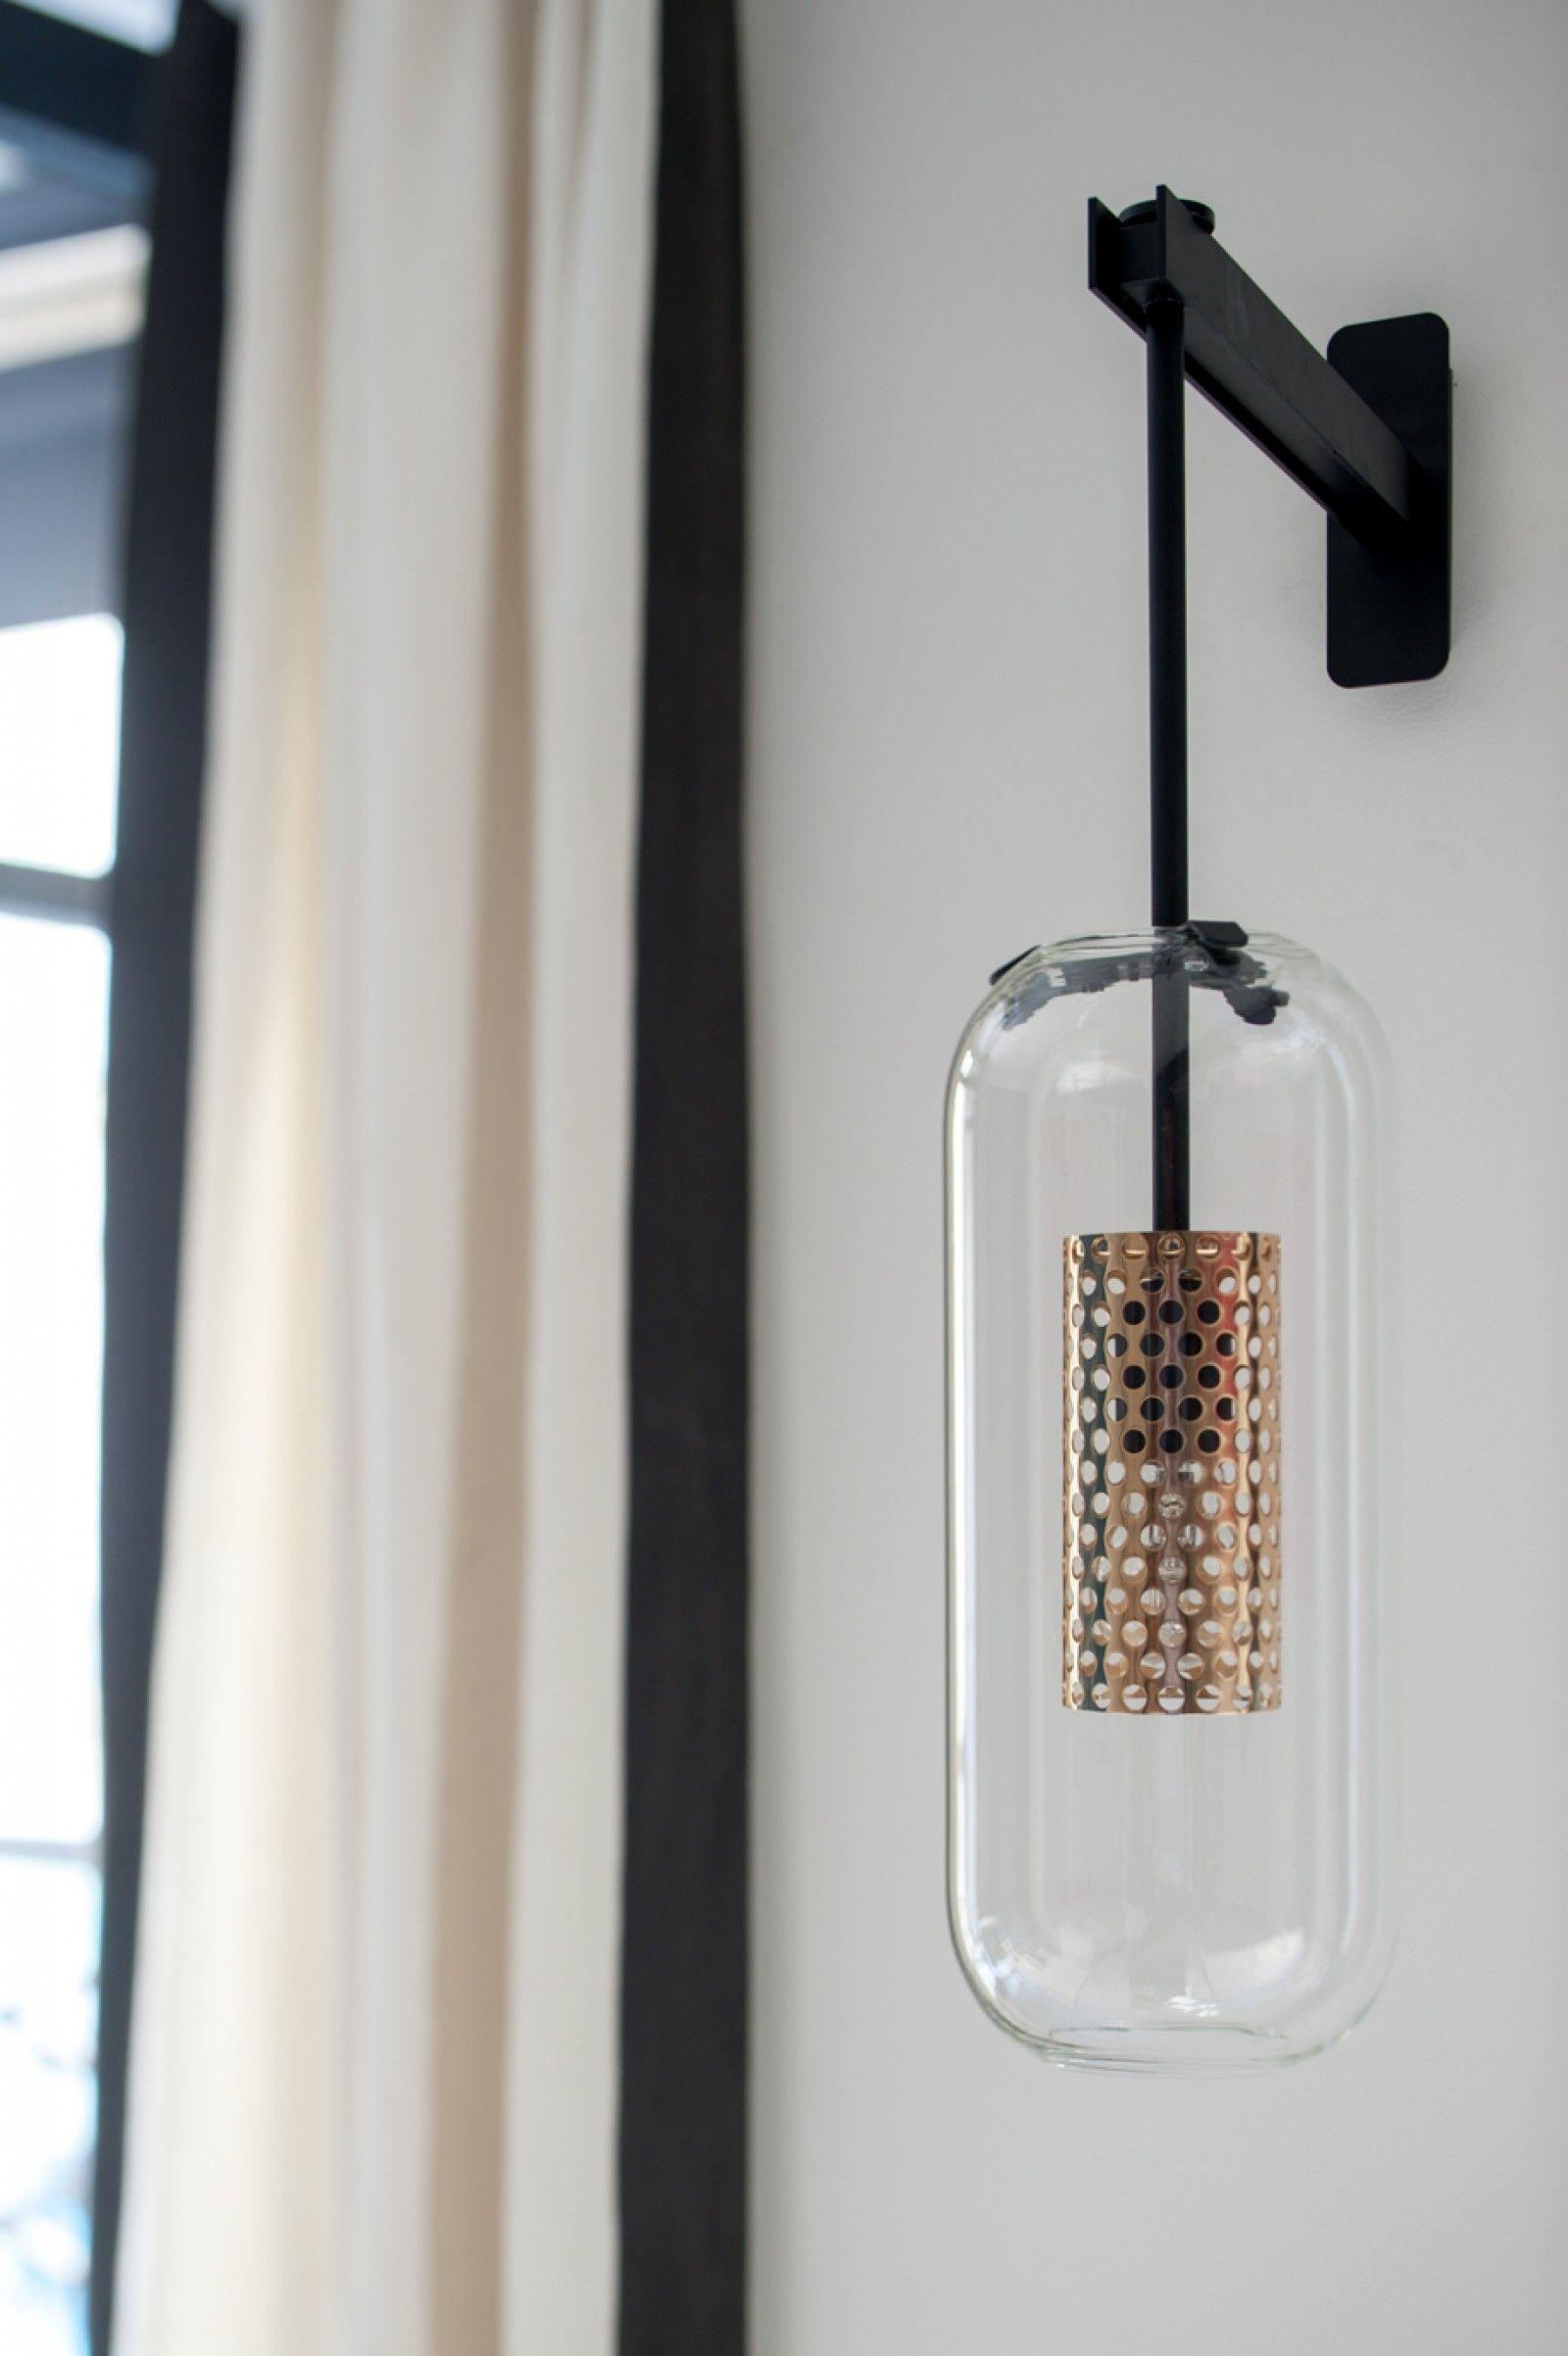 Étagère Murale Chambre Bébé Ikea : 1000 idées sur le thème Applique Chambre sur Pinterest